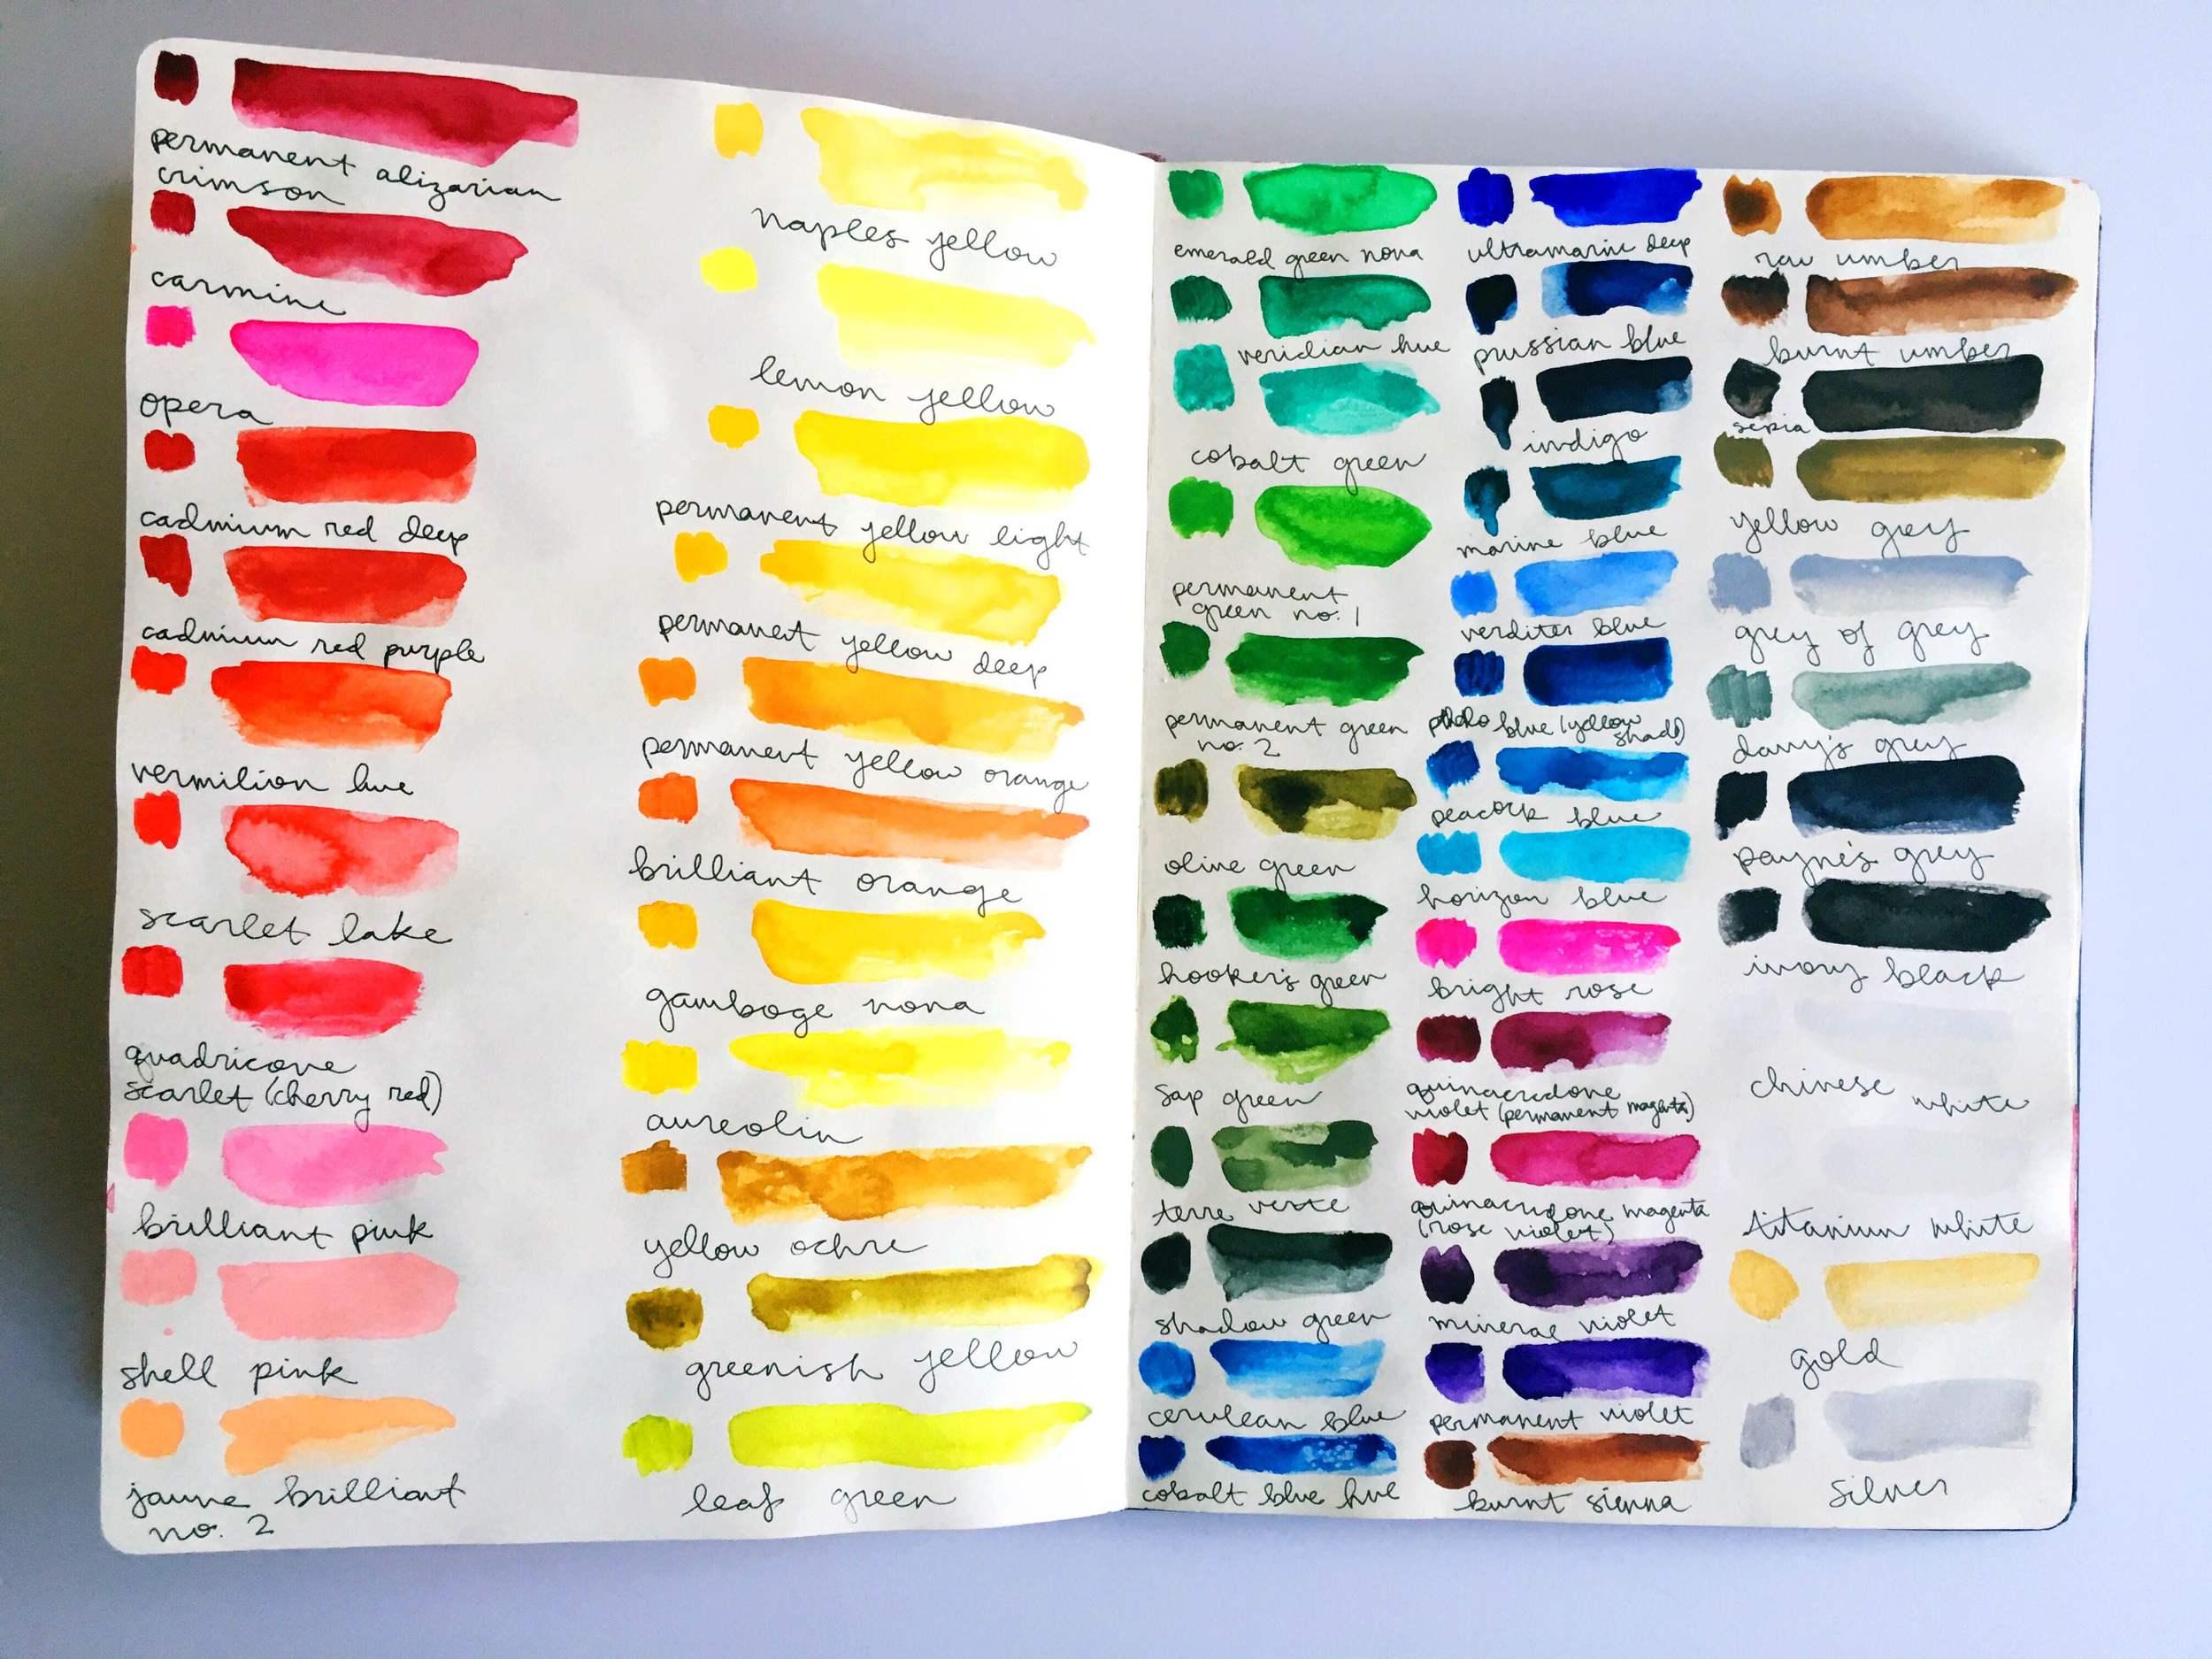 watercolor swatch sketchbook